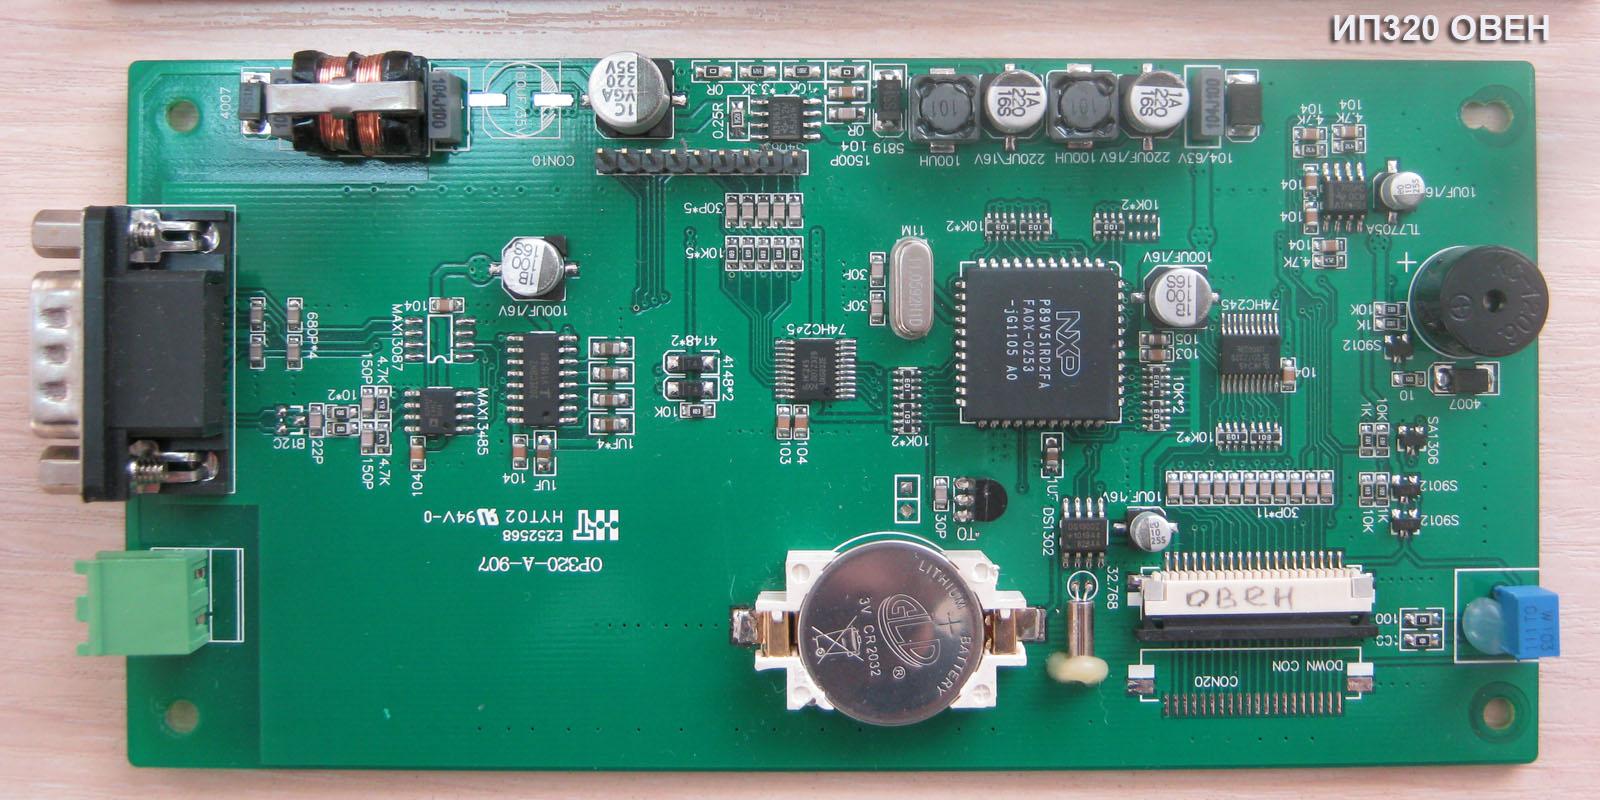 Рис. 18 — Процессорная плата ИП320